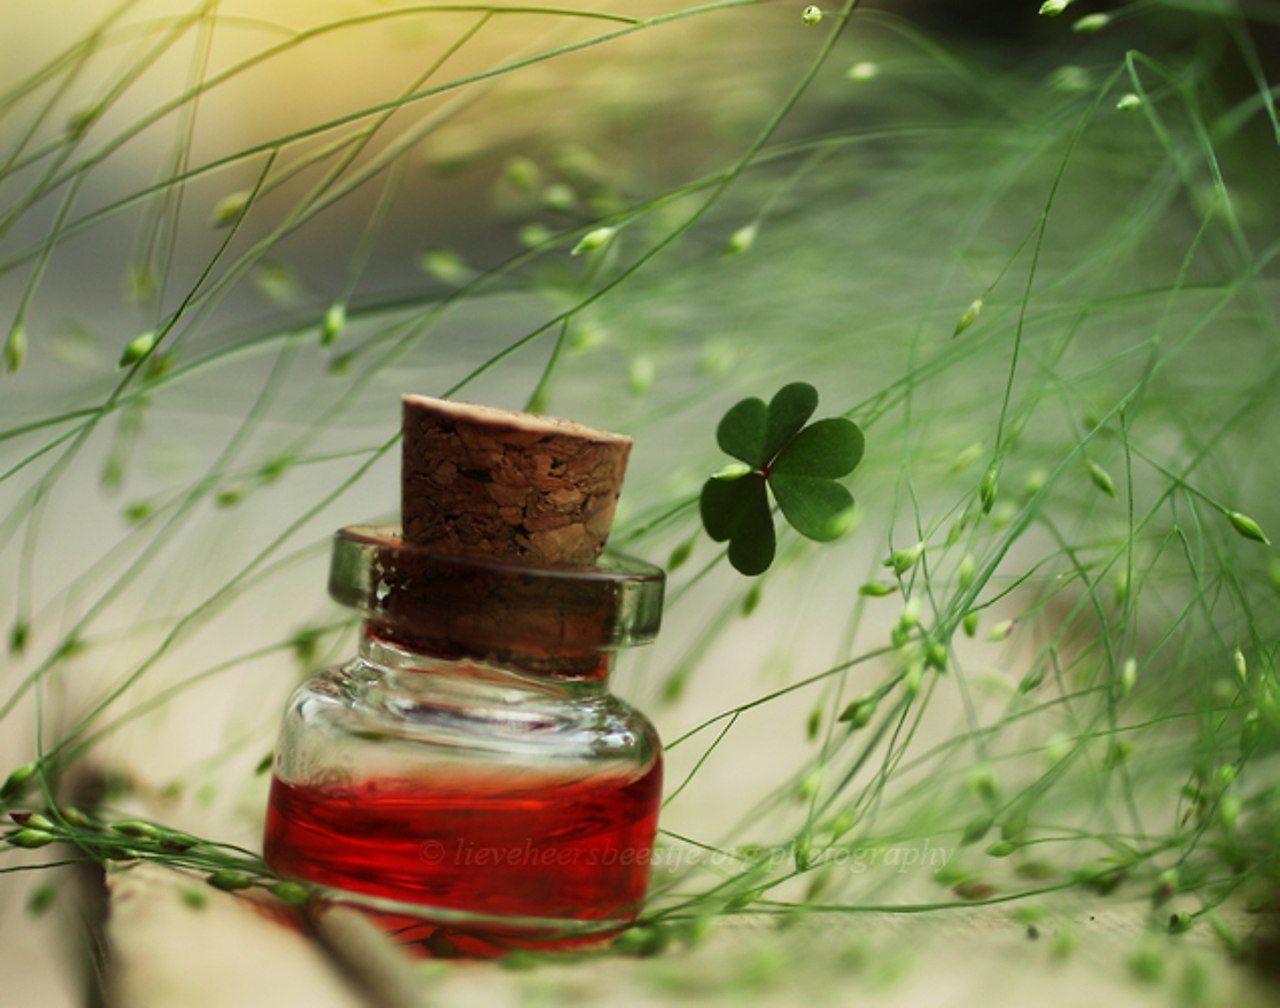 цветок в бутылочке макро: 11 тыс изображений найдено в ...